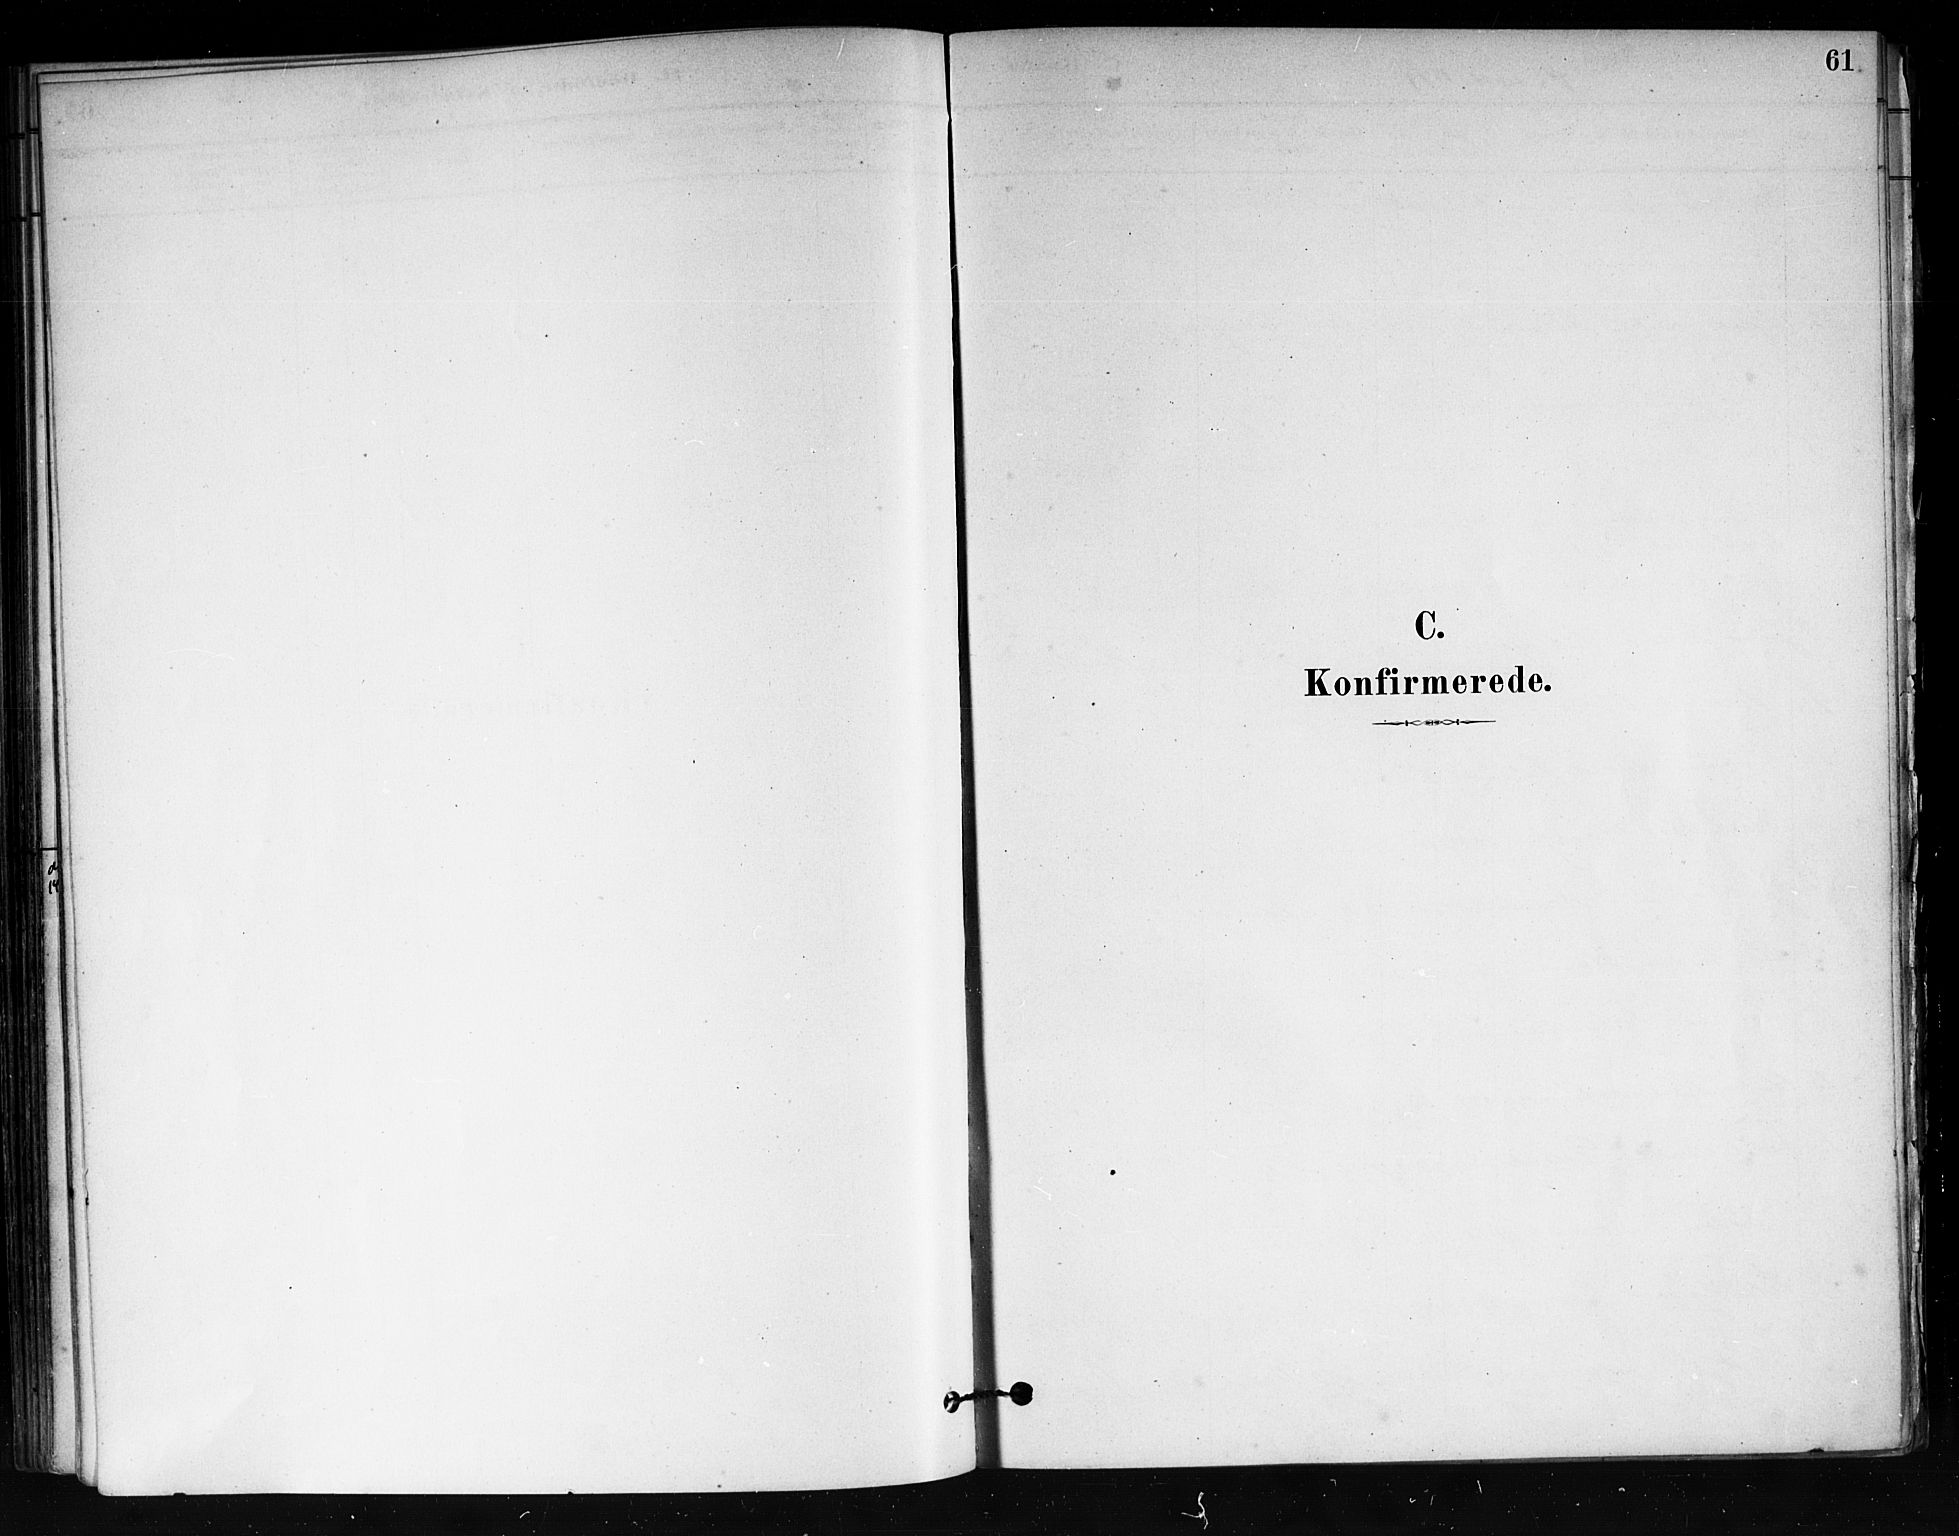 SAKO, Tjøme kirkebøker, F/Fa/L0001: Ministerialbok nr. 1, 1879-1890, s. 61